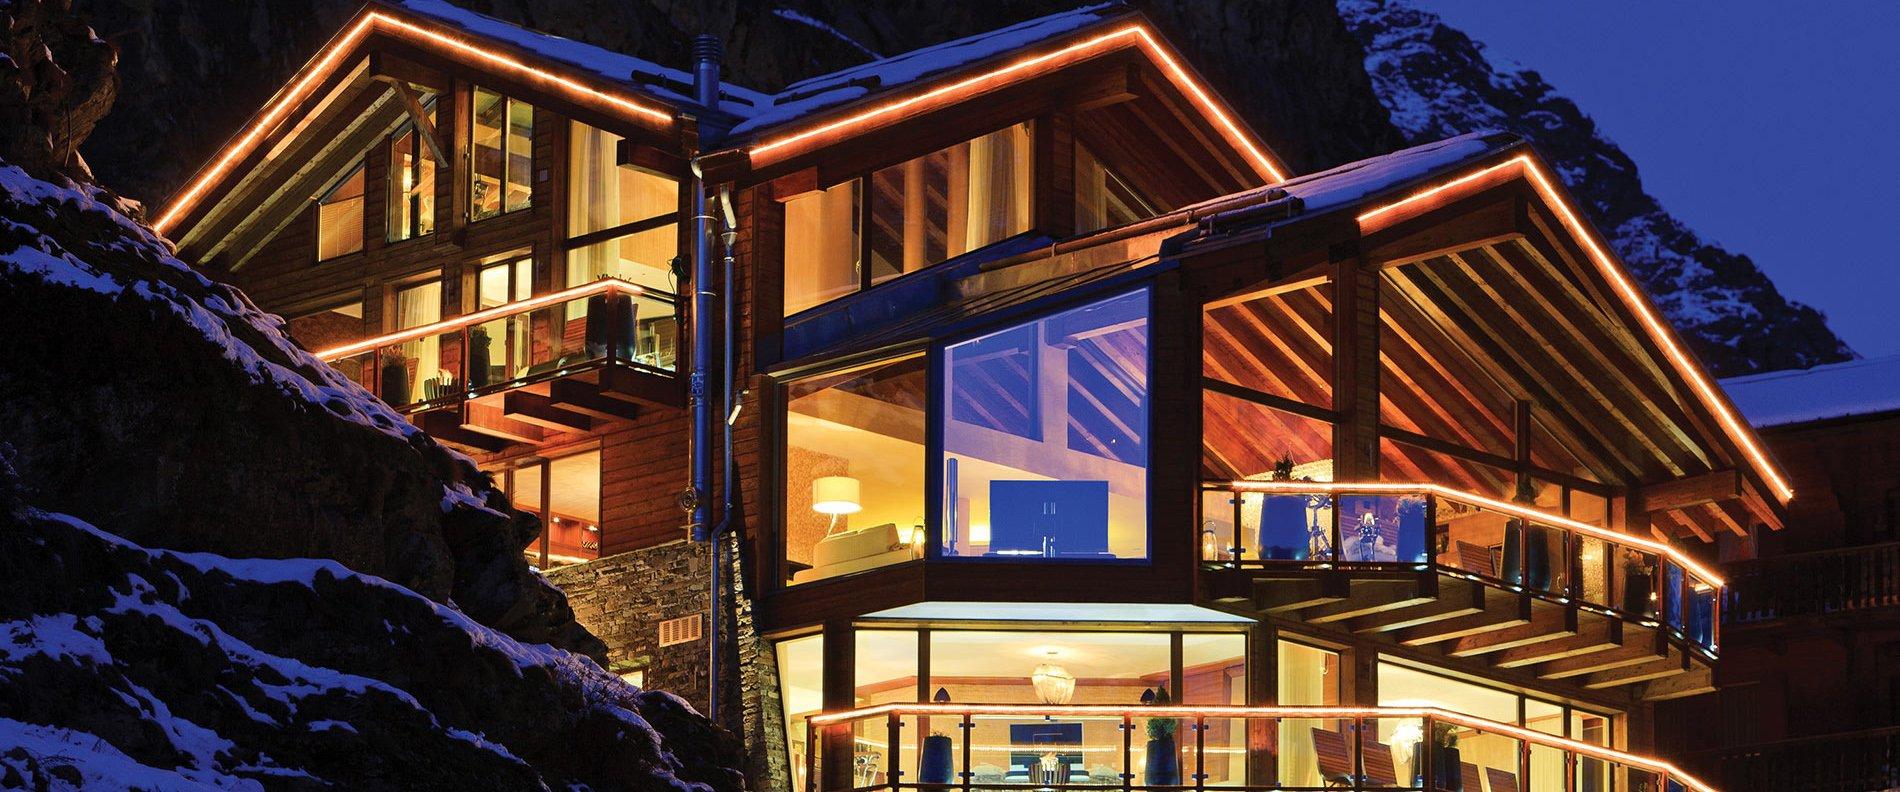 Chalet Zermatt Peak, el lugar ideal para una escapada a los Alpes